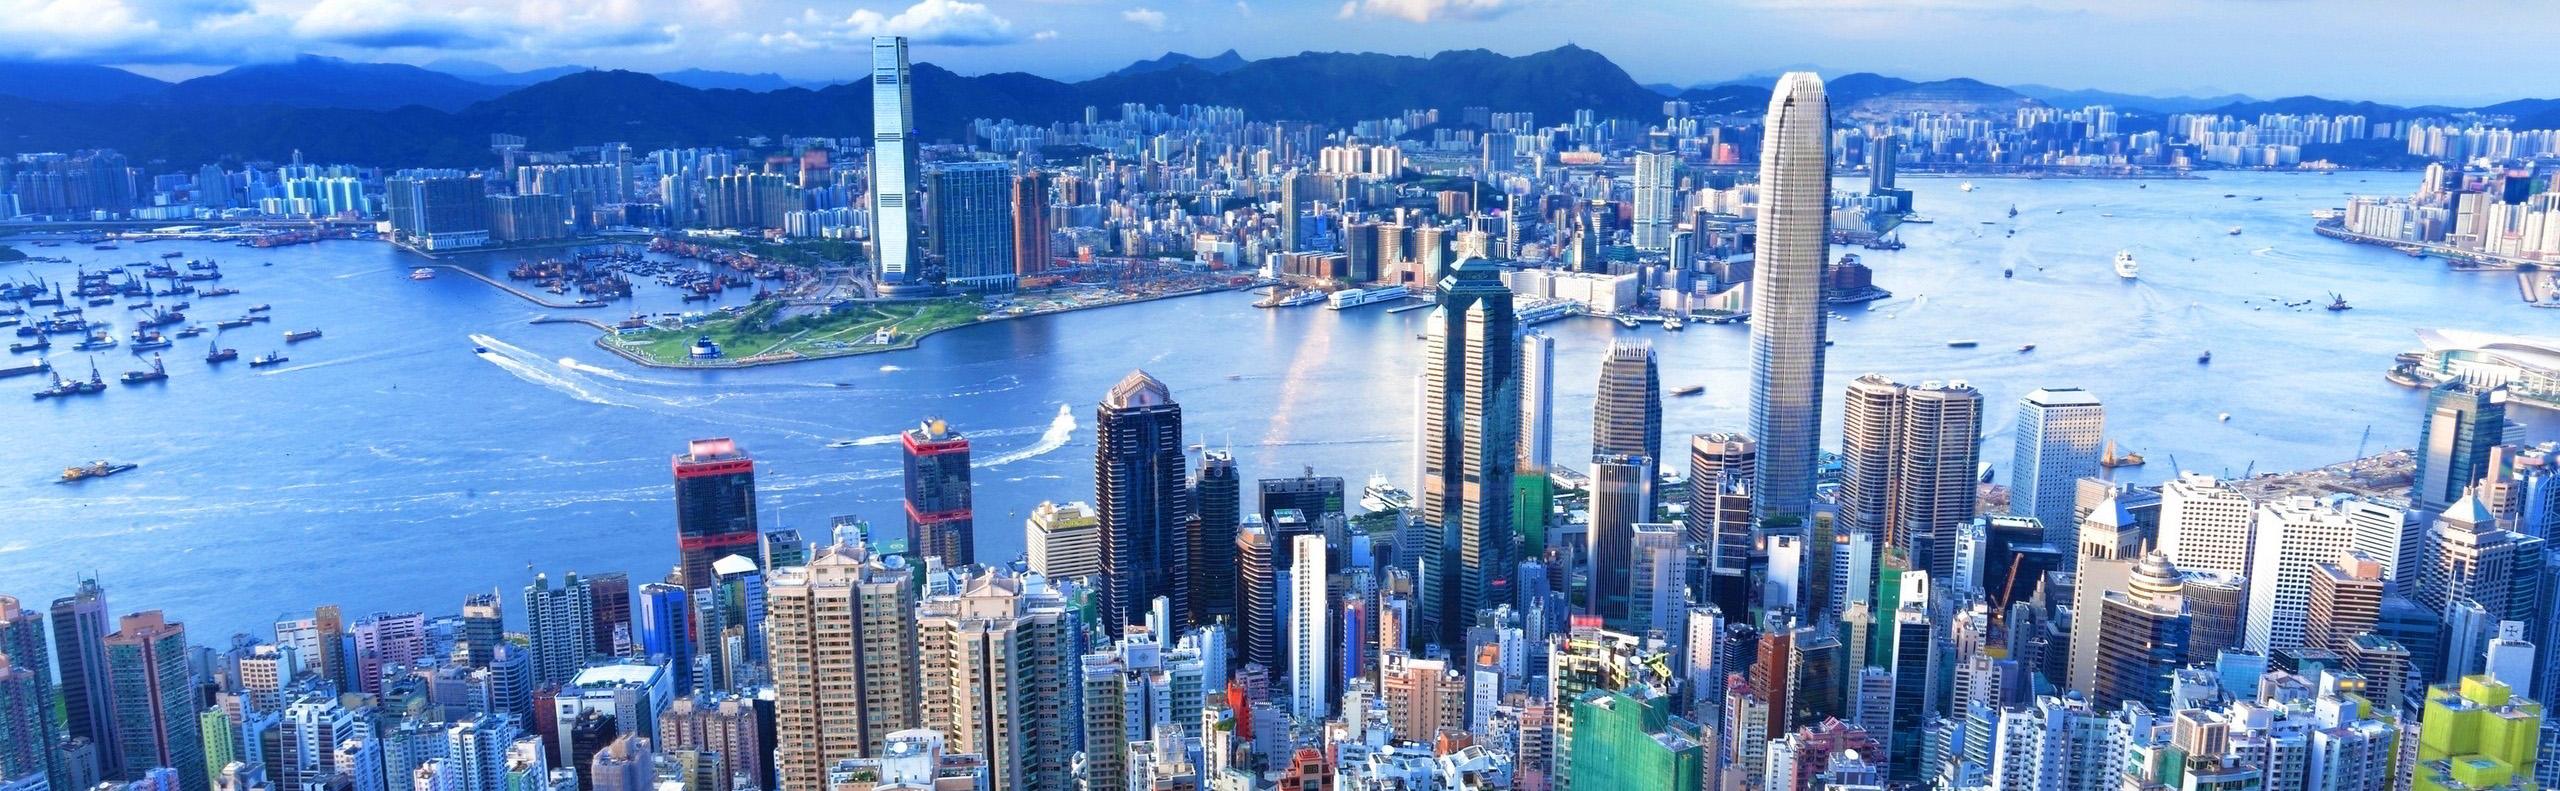 hong-kong-skyline-view3